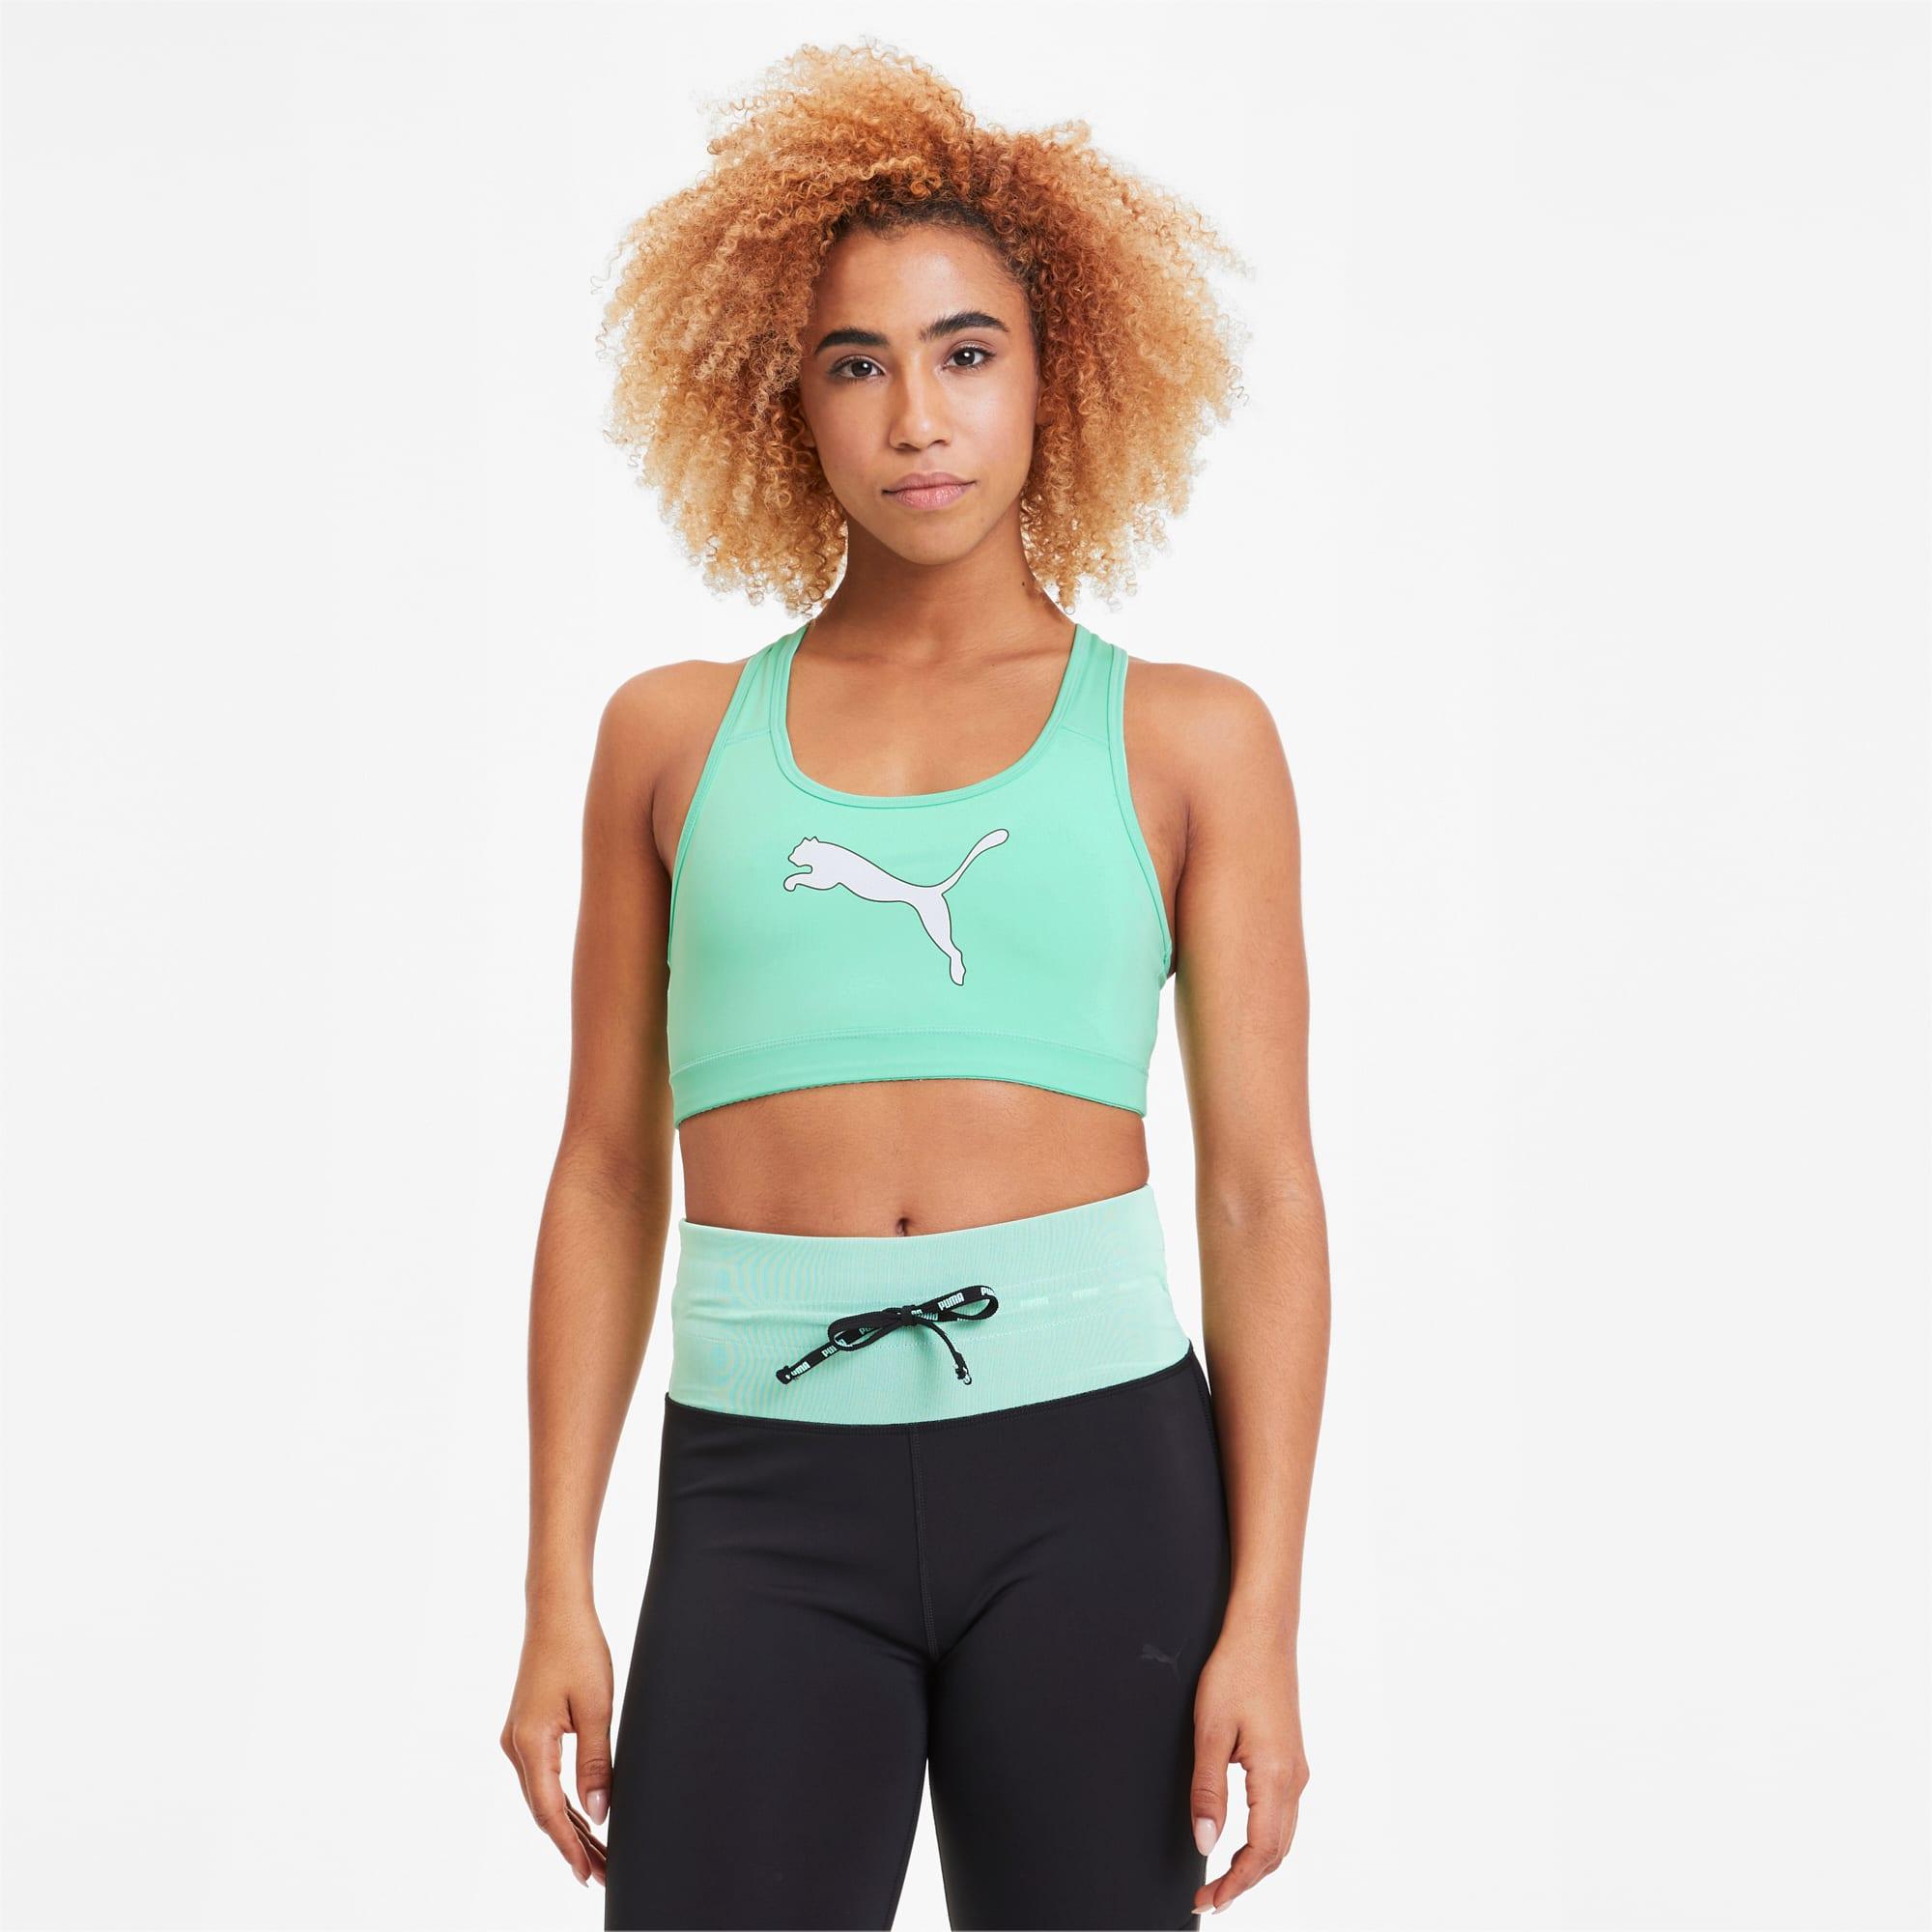 PUMA Soutien-gorge de sport 4Keeps Graphic, Vert/Noir, Taille M, Vêtements